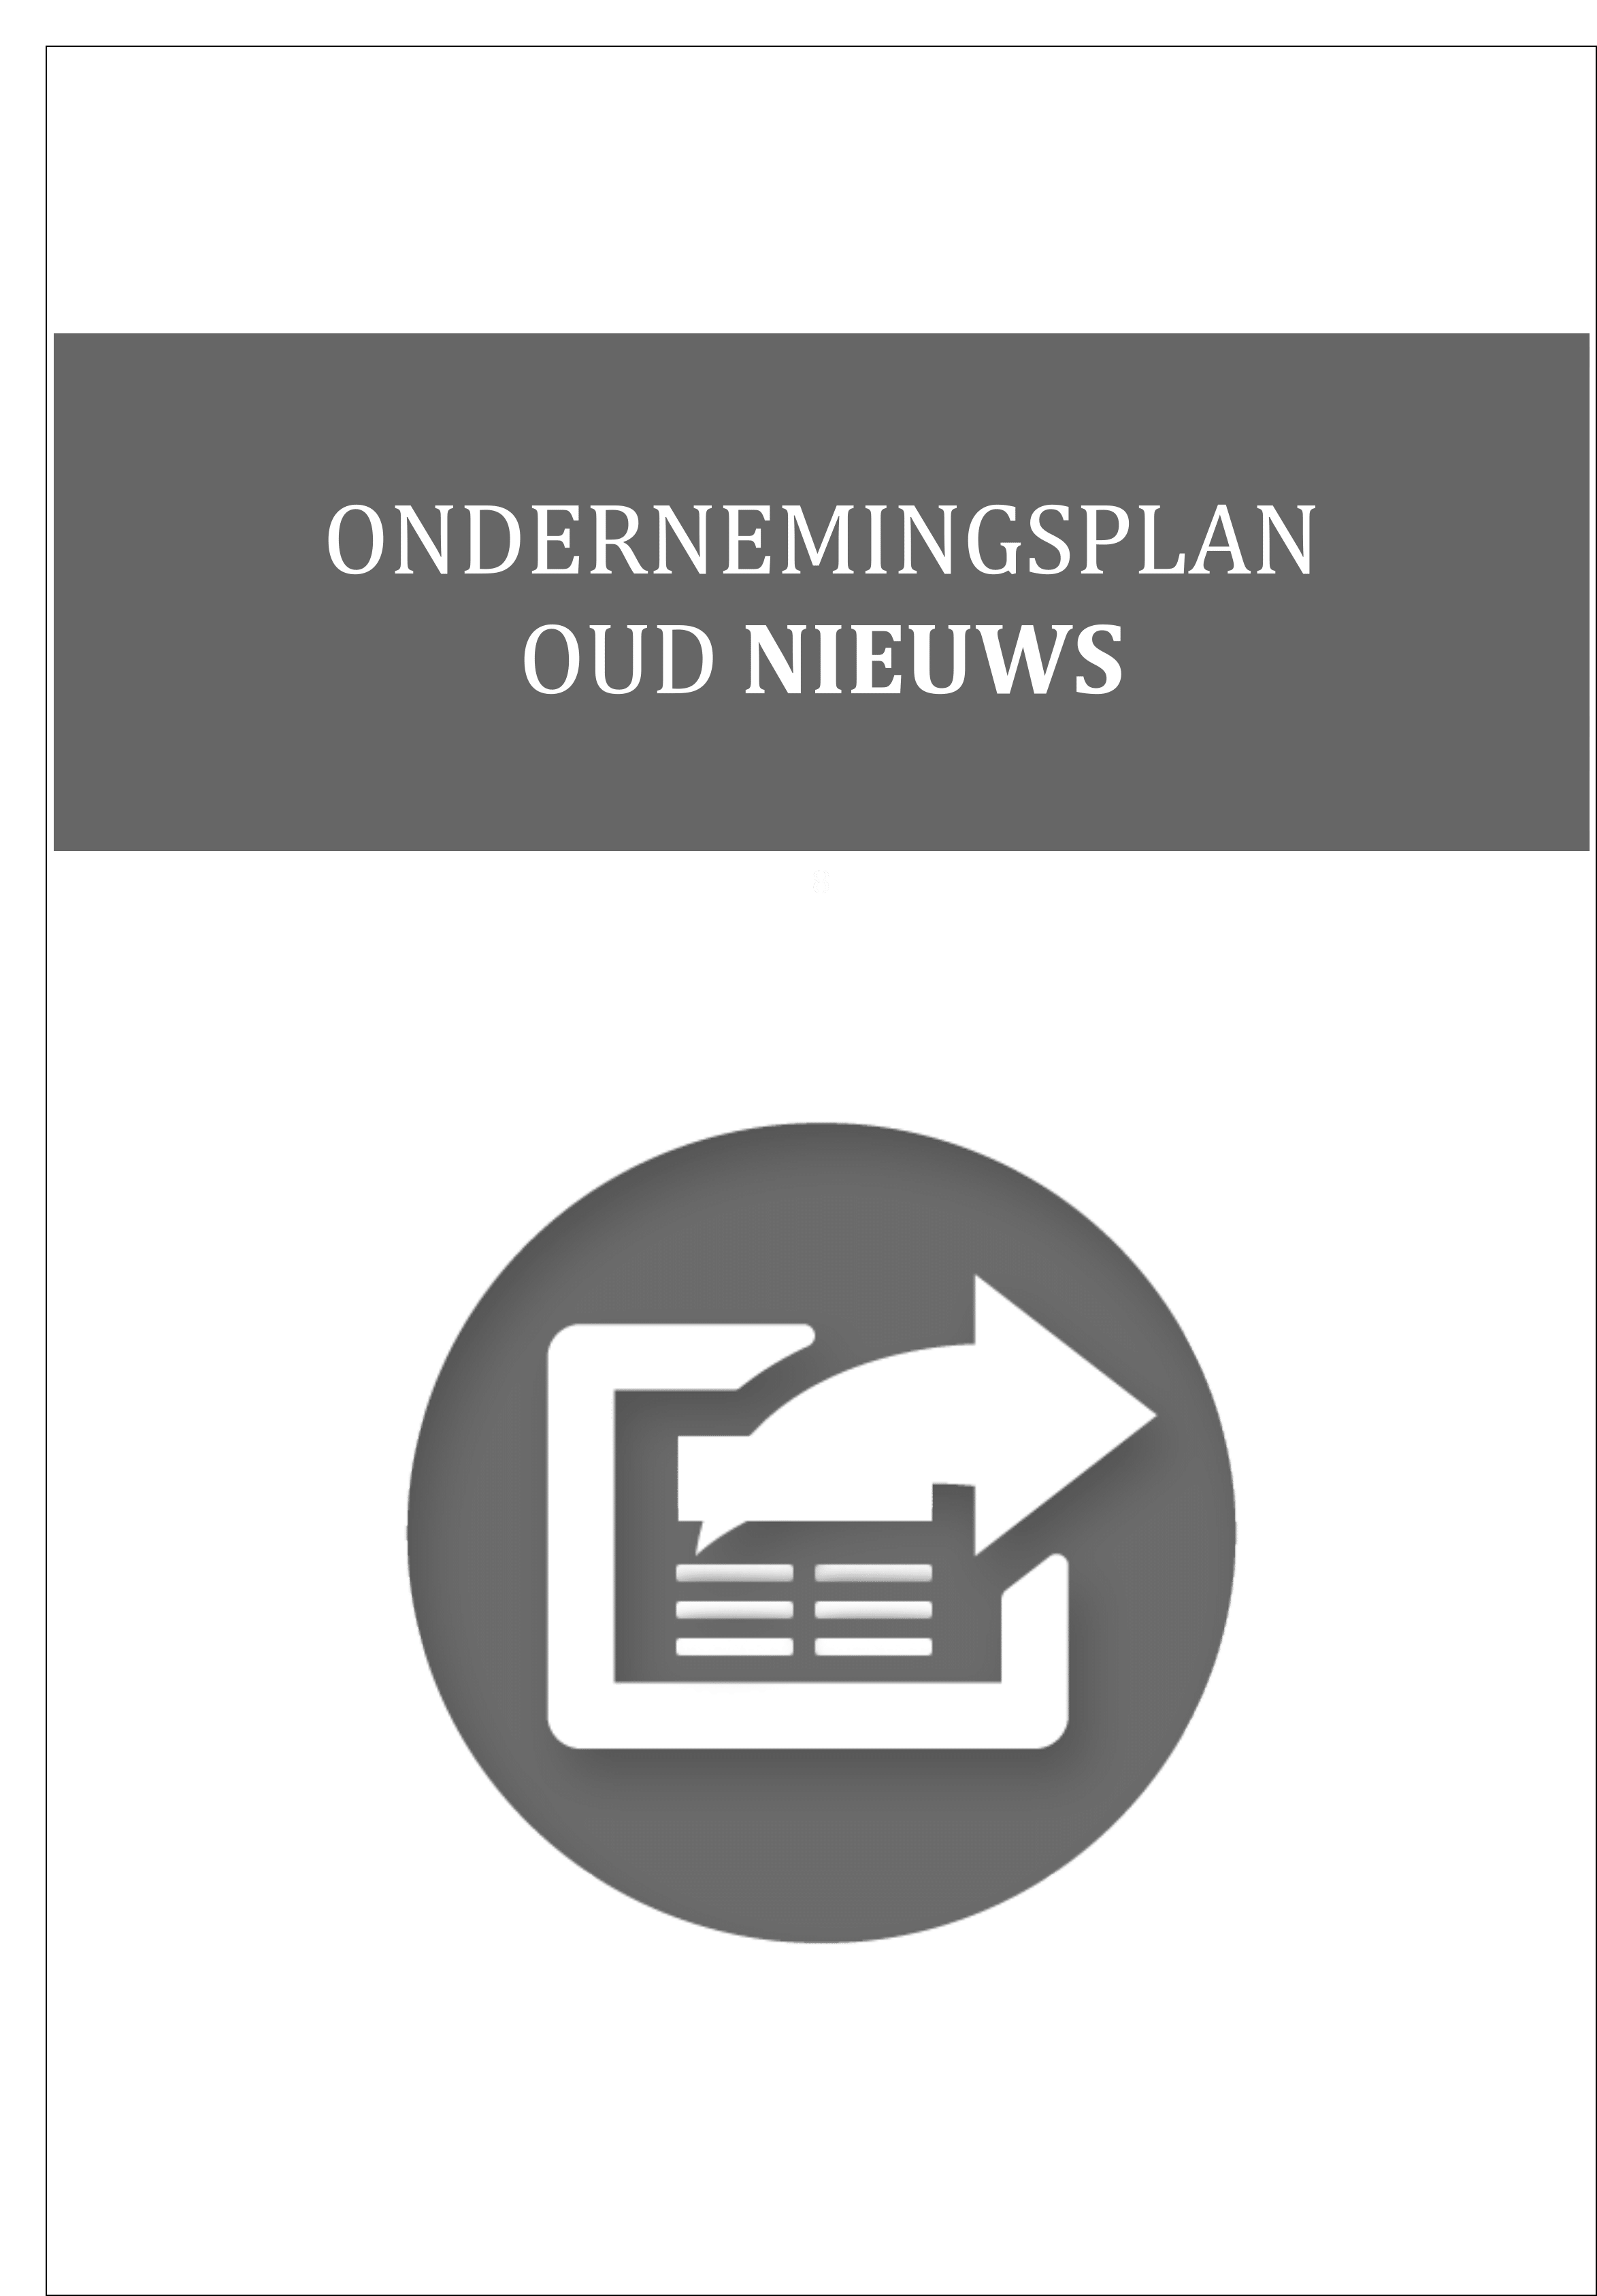 ondernemingsplan adviesbureau Voorbeeld ondernemingsplan – Ondernemingsplannenfabriek ondernemingsplan adviesbureau